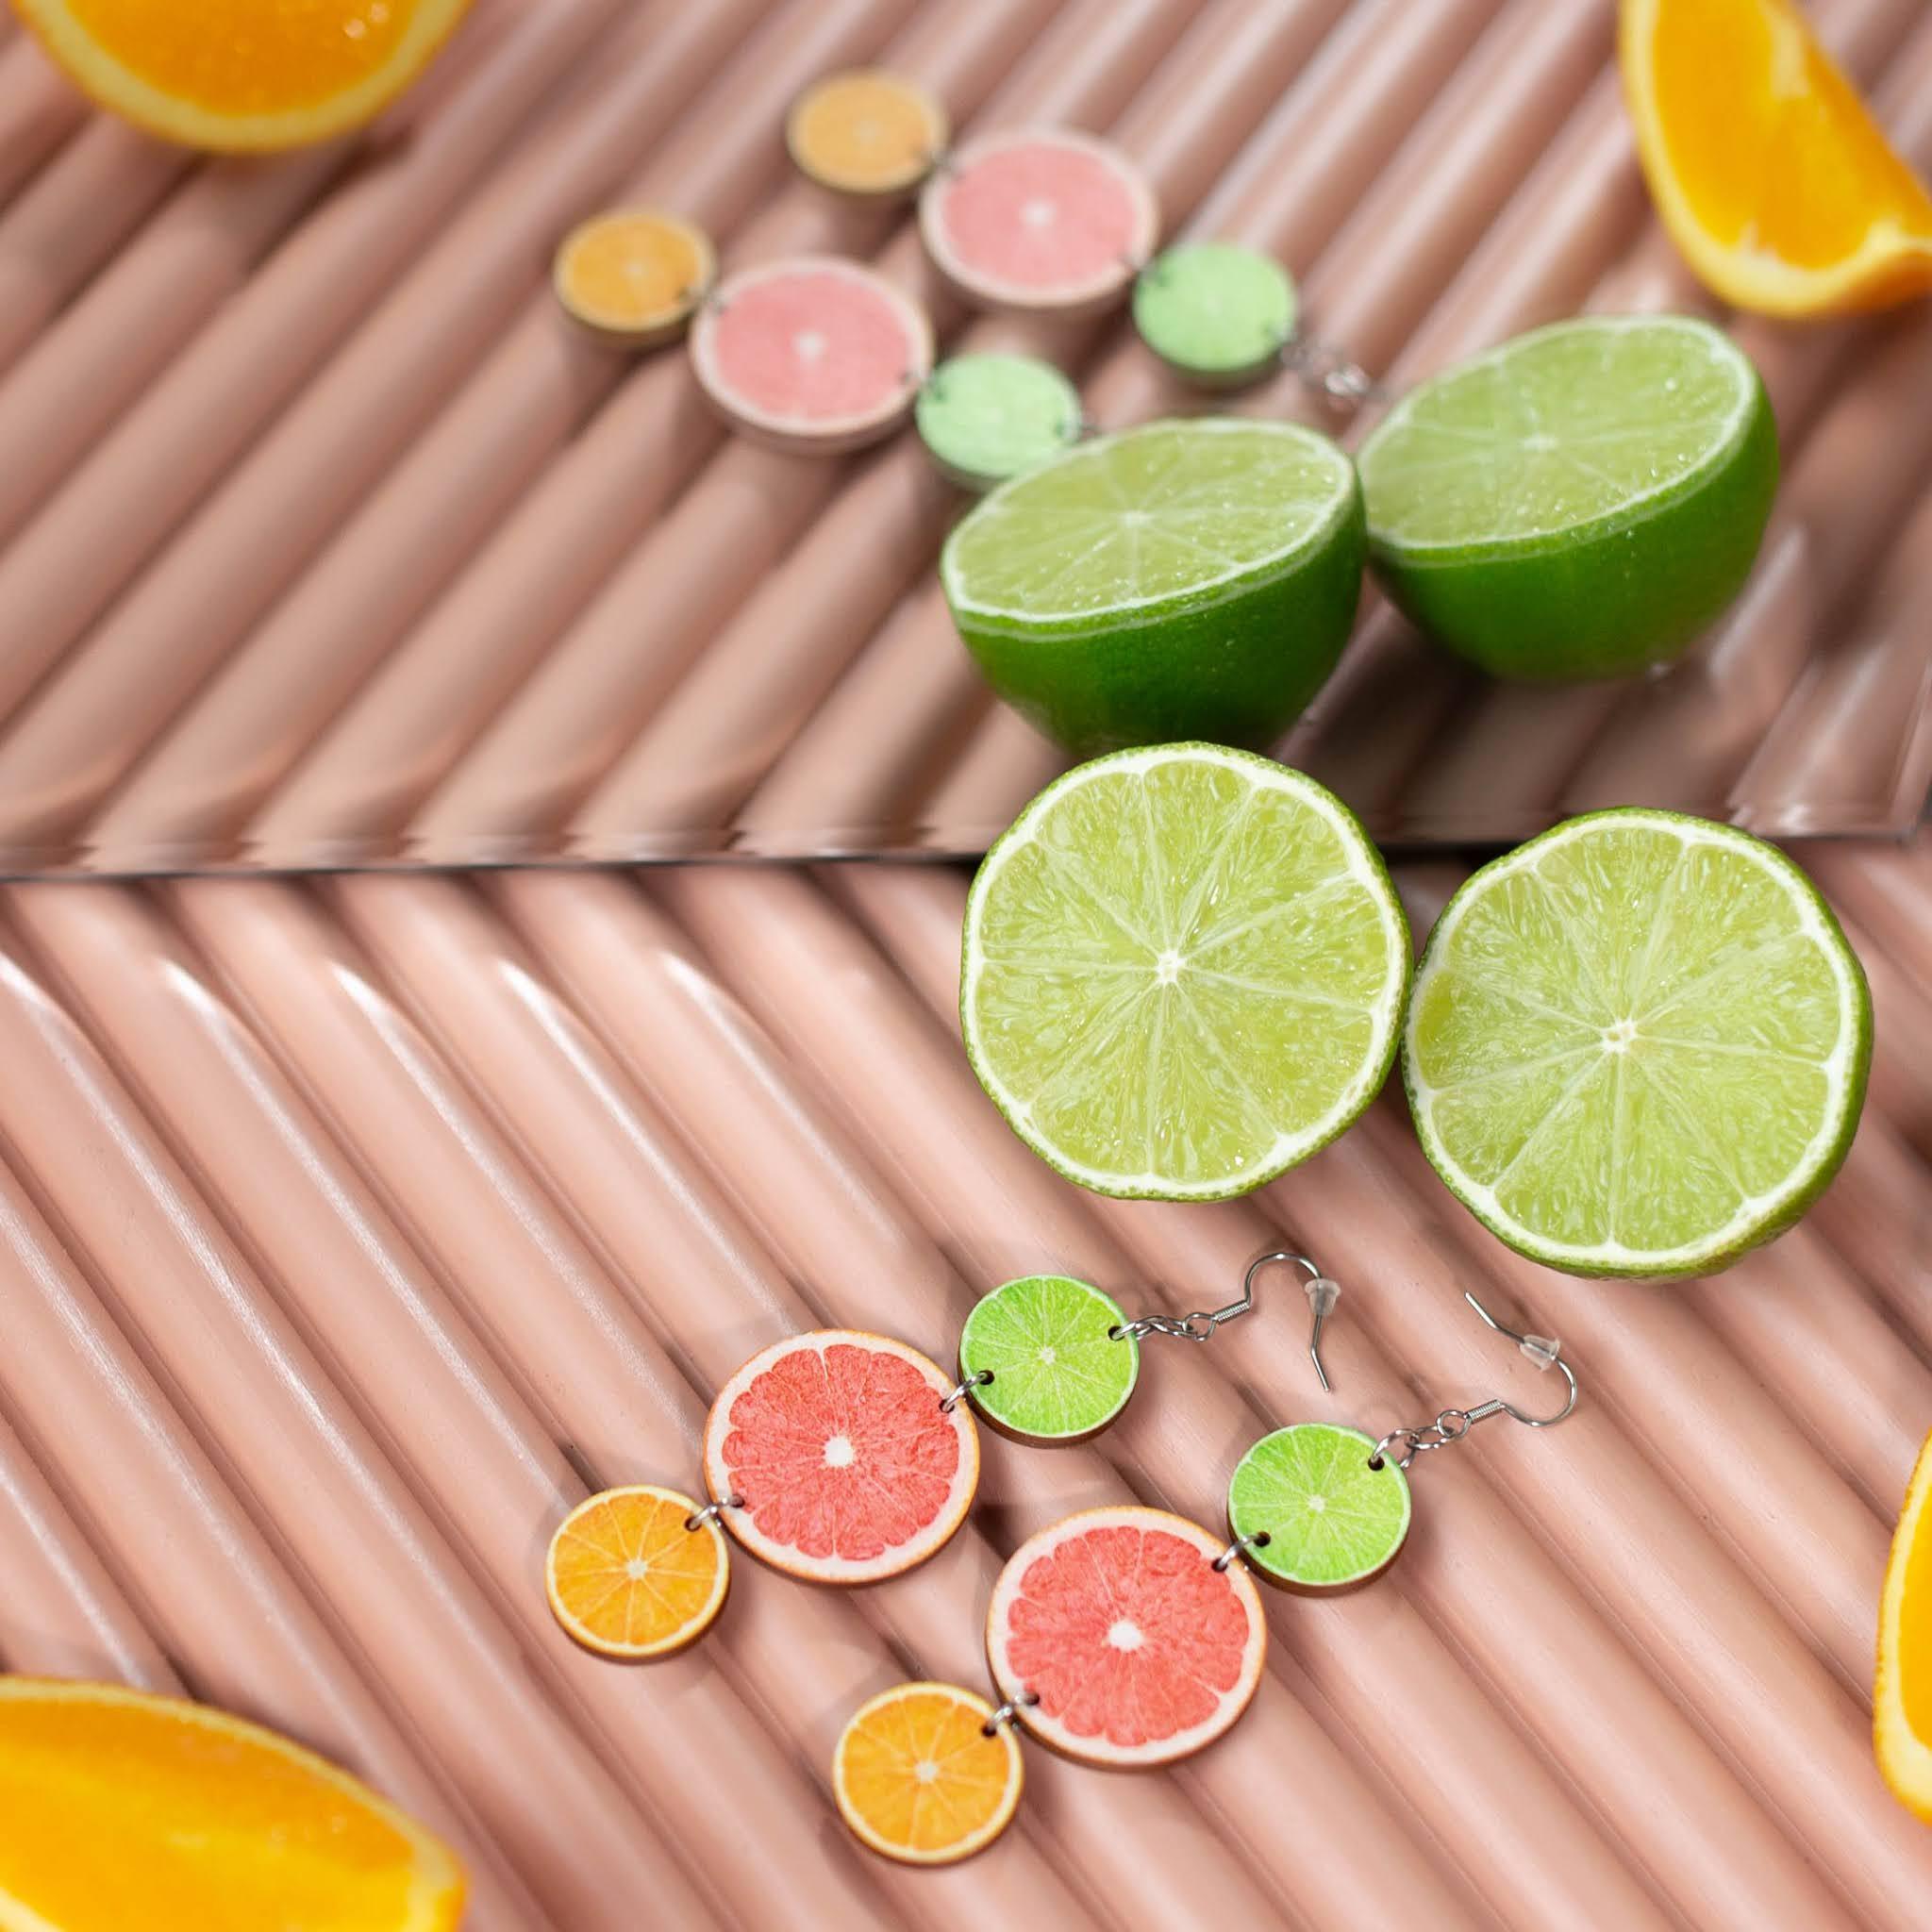 Vaaleanpunaiseksi maalatun sormipaneelin päällä korvakorut sekä appelsiini- ja limelohkoja. Korvakorut ja osa hedelmistä heijastuvat taustan peilistä.